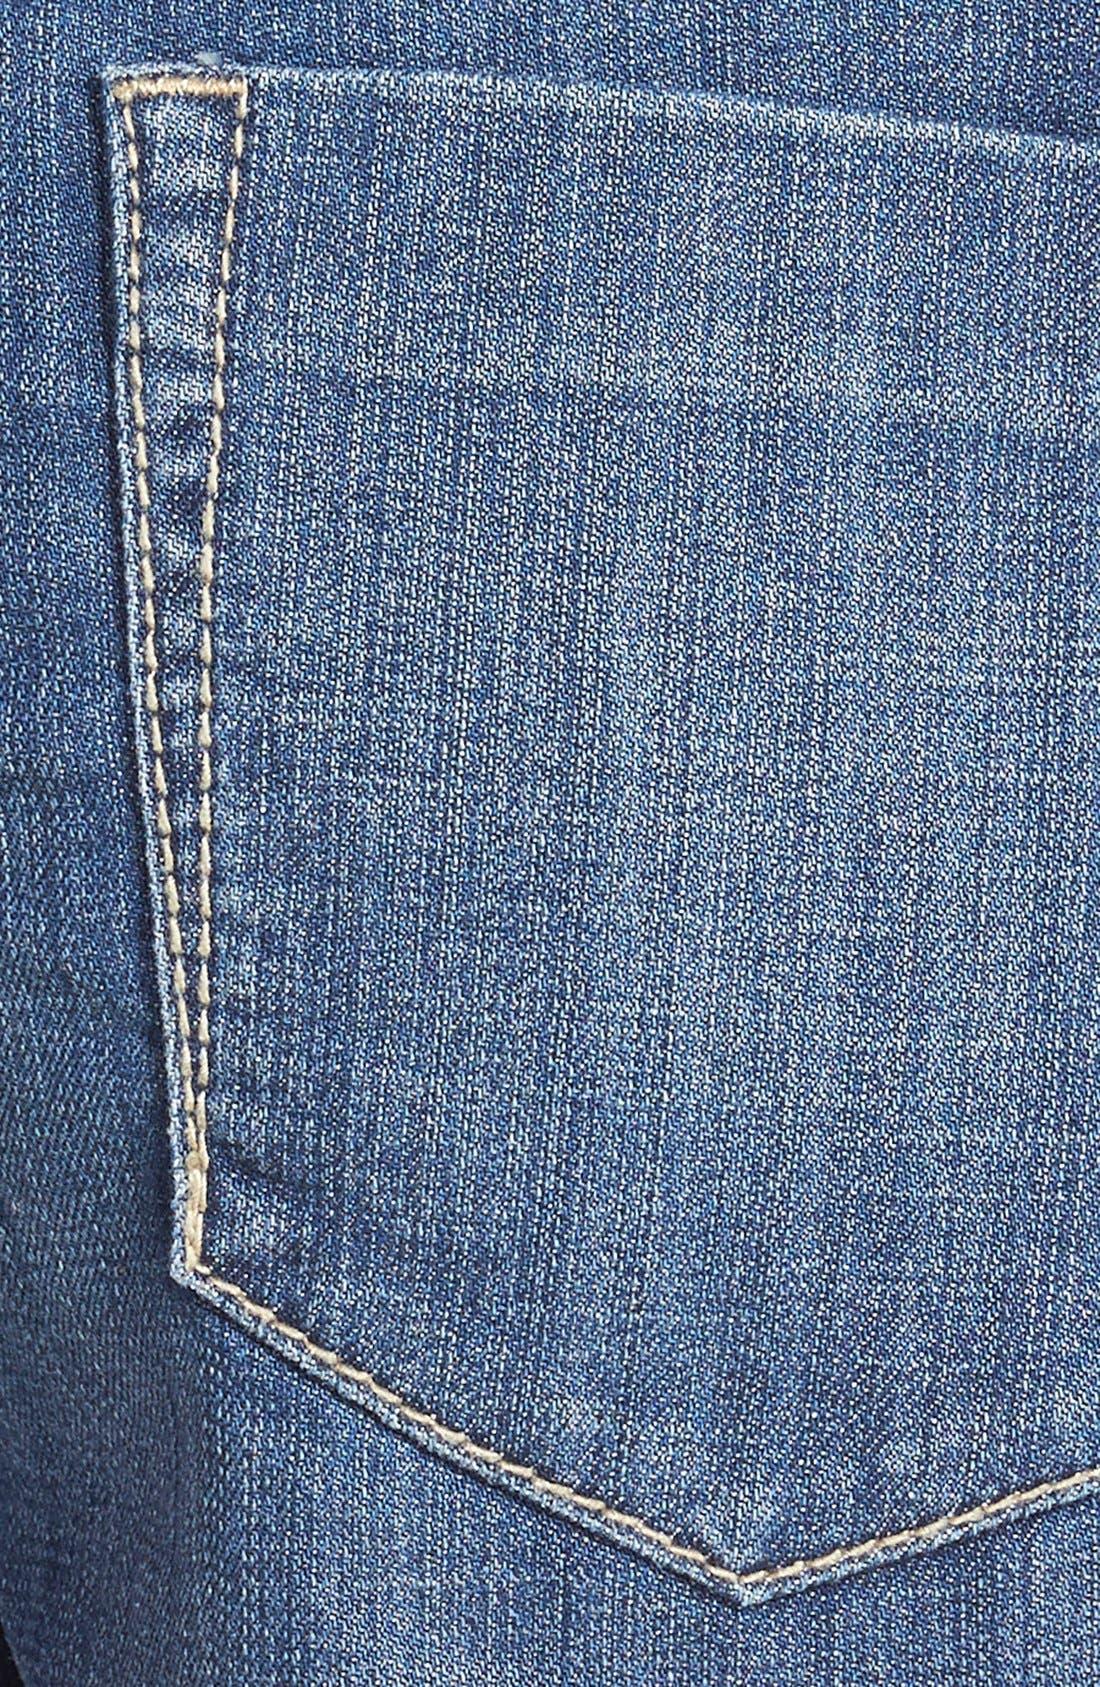 Alternate Image 3  - Standards & Practices Cutoff Denim Shorts (Dark)